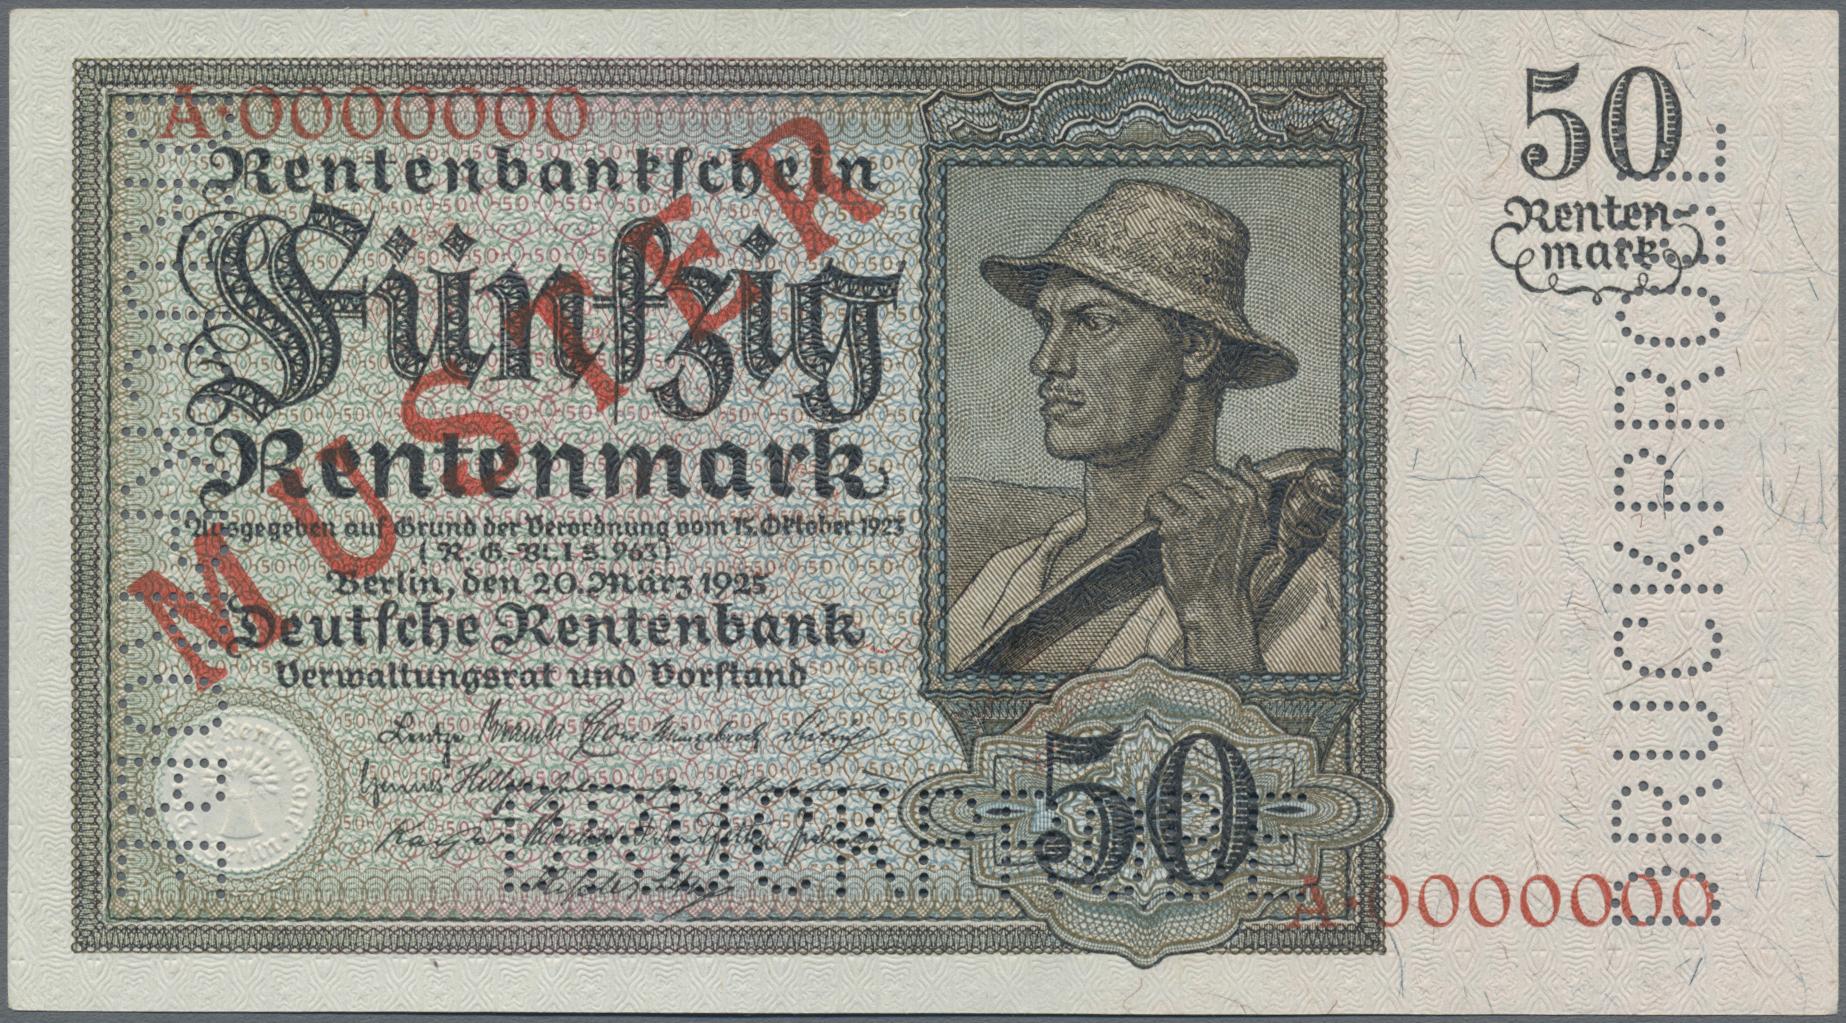 Lot 03360 - Deutschland - Deutsches Reich bis 1945 | Banknoten  -  Auktionshaus Christoph Gärtner GmbH & Co. KG Sale #45 Banknotes Germany/Numismatics